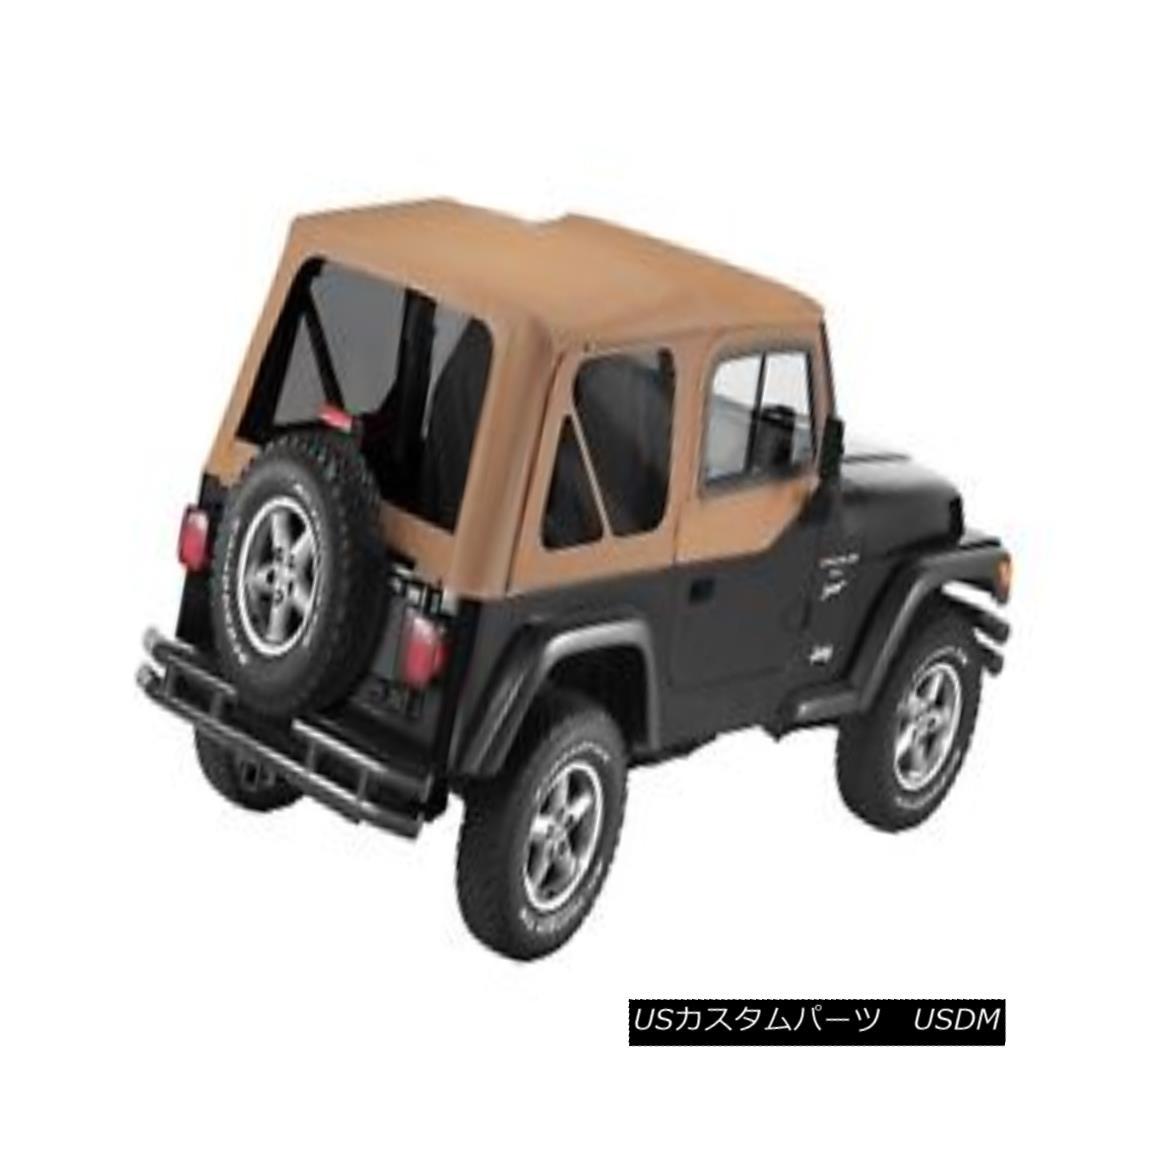 幌・ソフトトップ Bestop 51124-37 Jeep Replace-a-Top Soft Top Spice Bestop 51124-37ジープ交換トップトップソフトトップスパイス